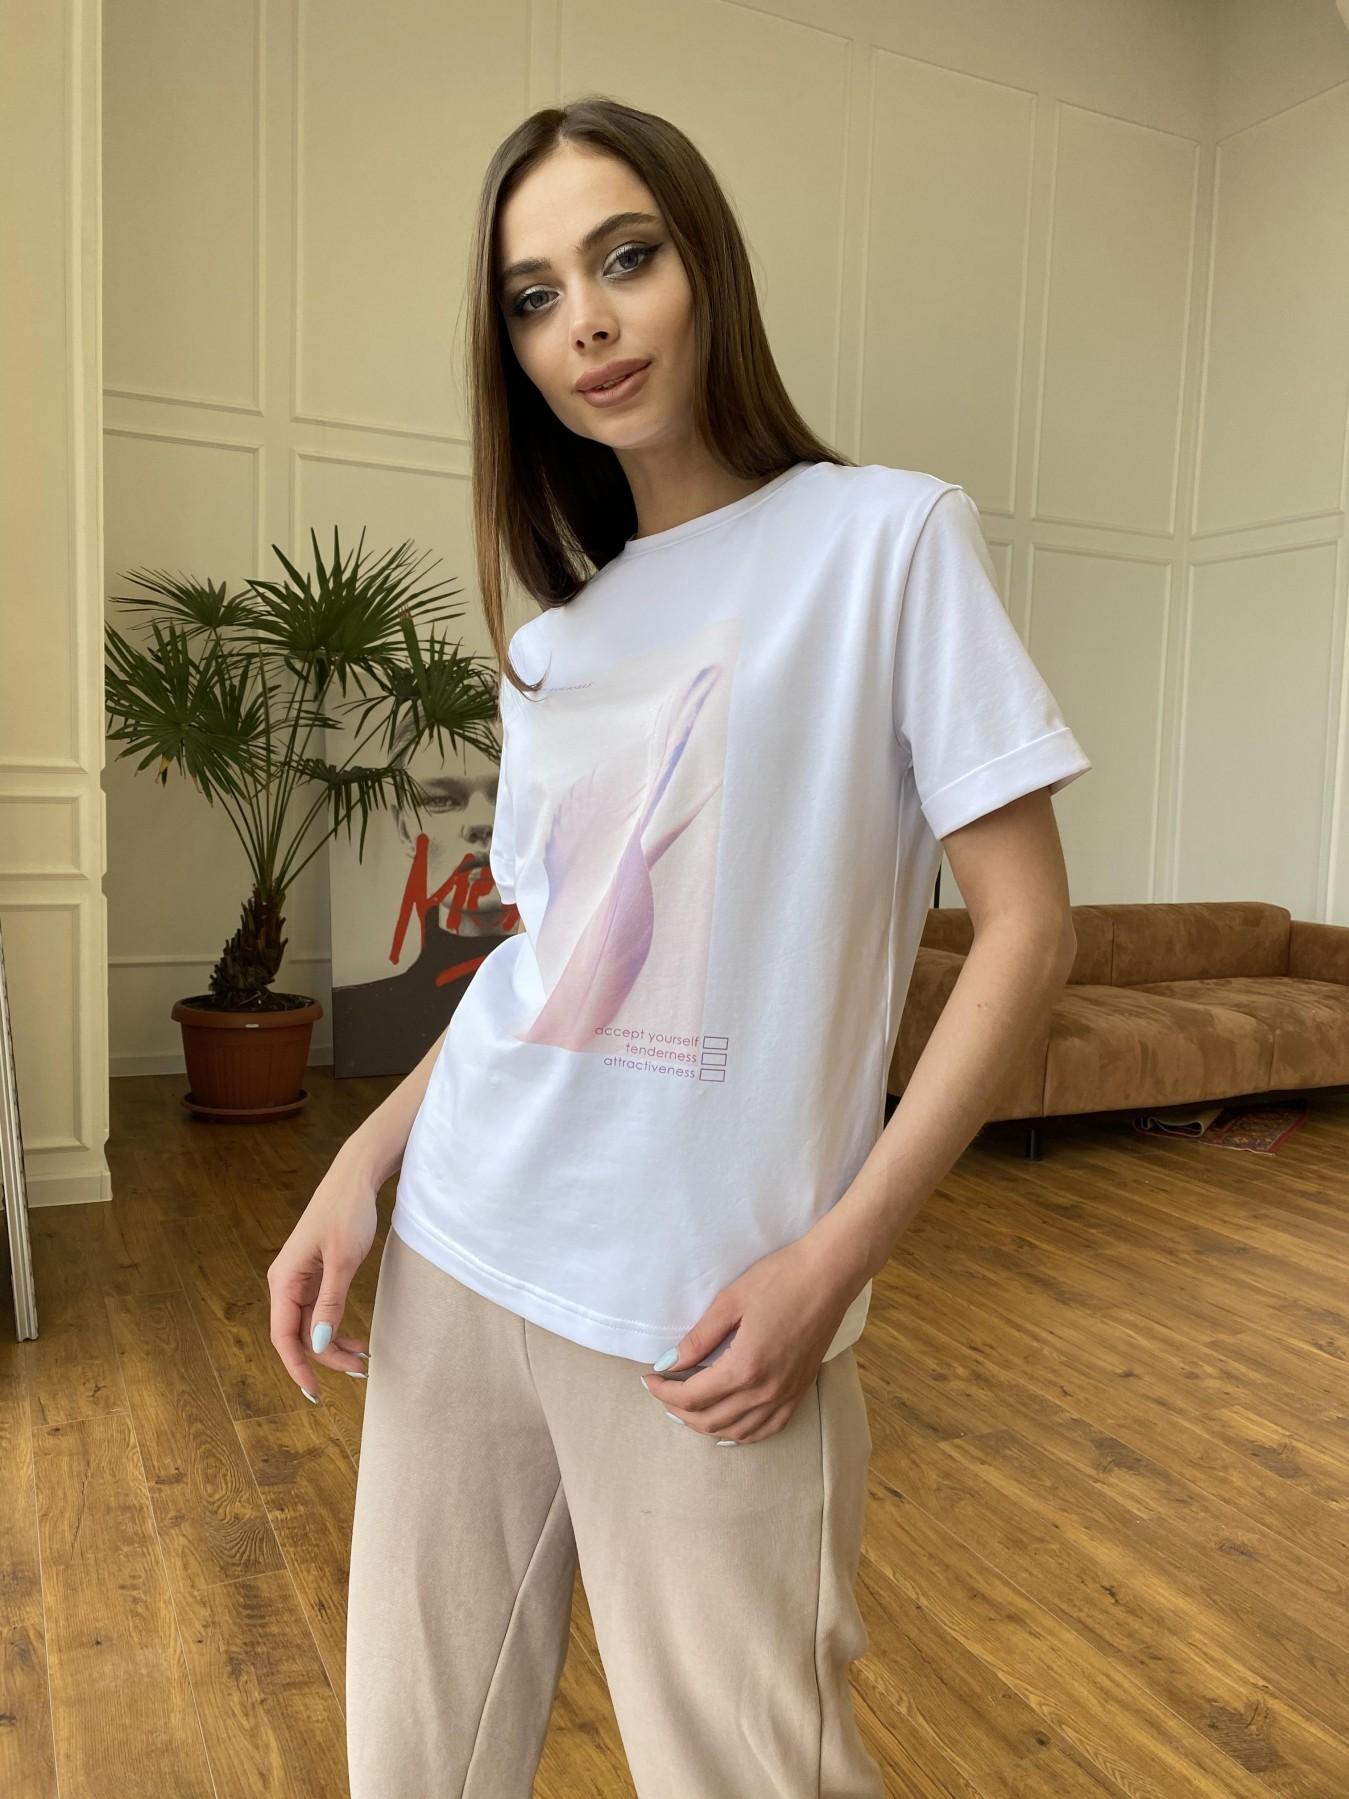 Перо футболка из вискозы однотонная хлопок 11230 АРТ. 47751 Цвет: Белый - фото 4, интернет магазин tm-modus.ru